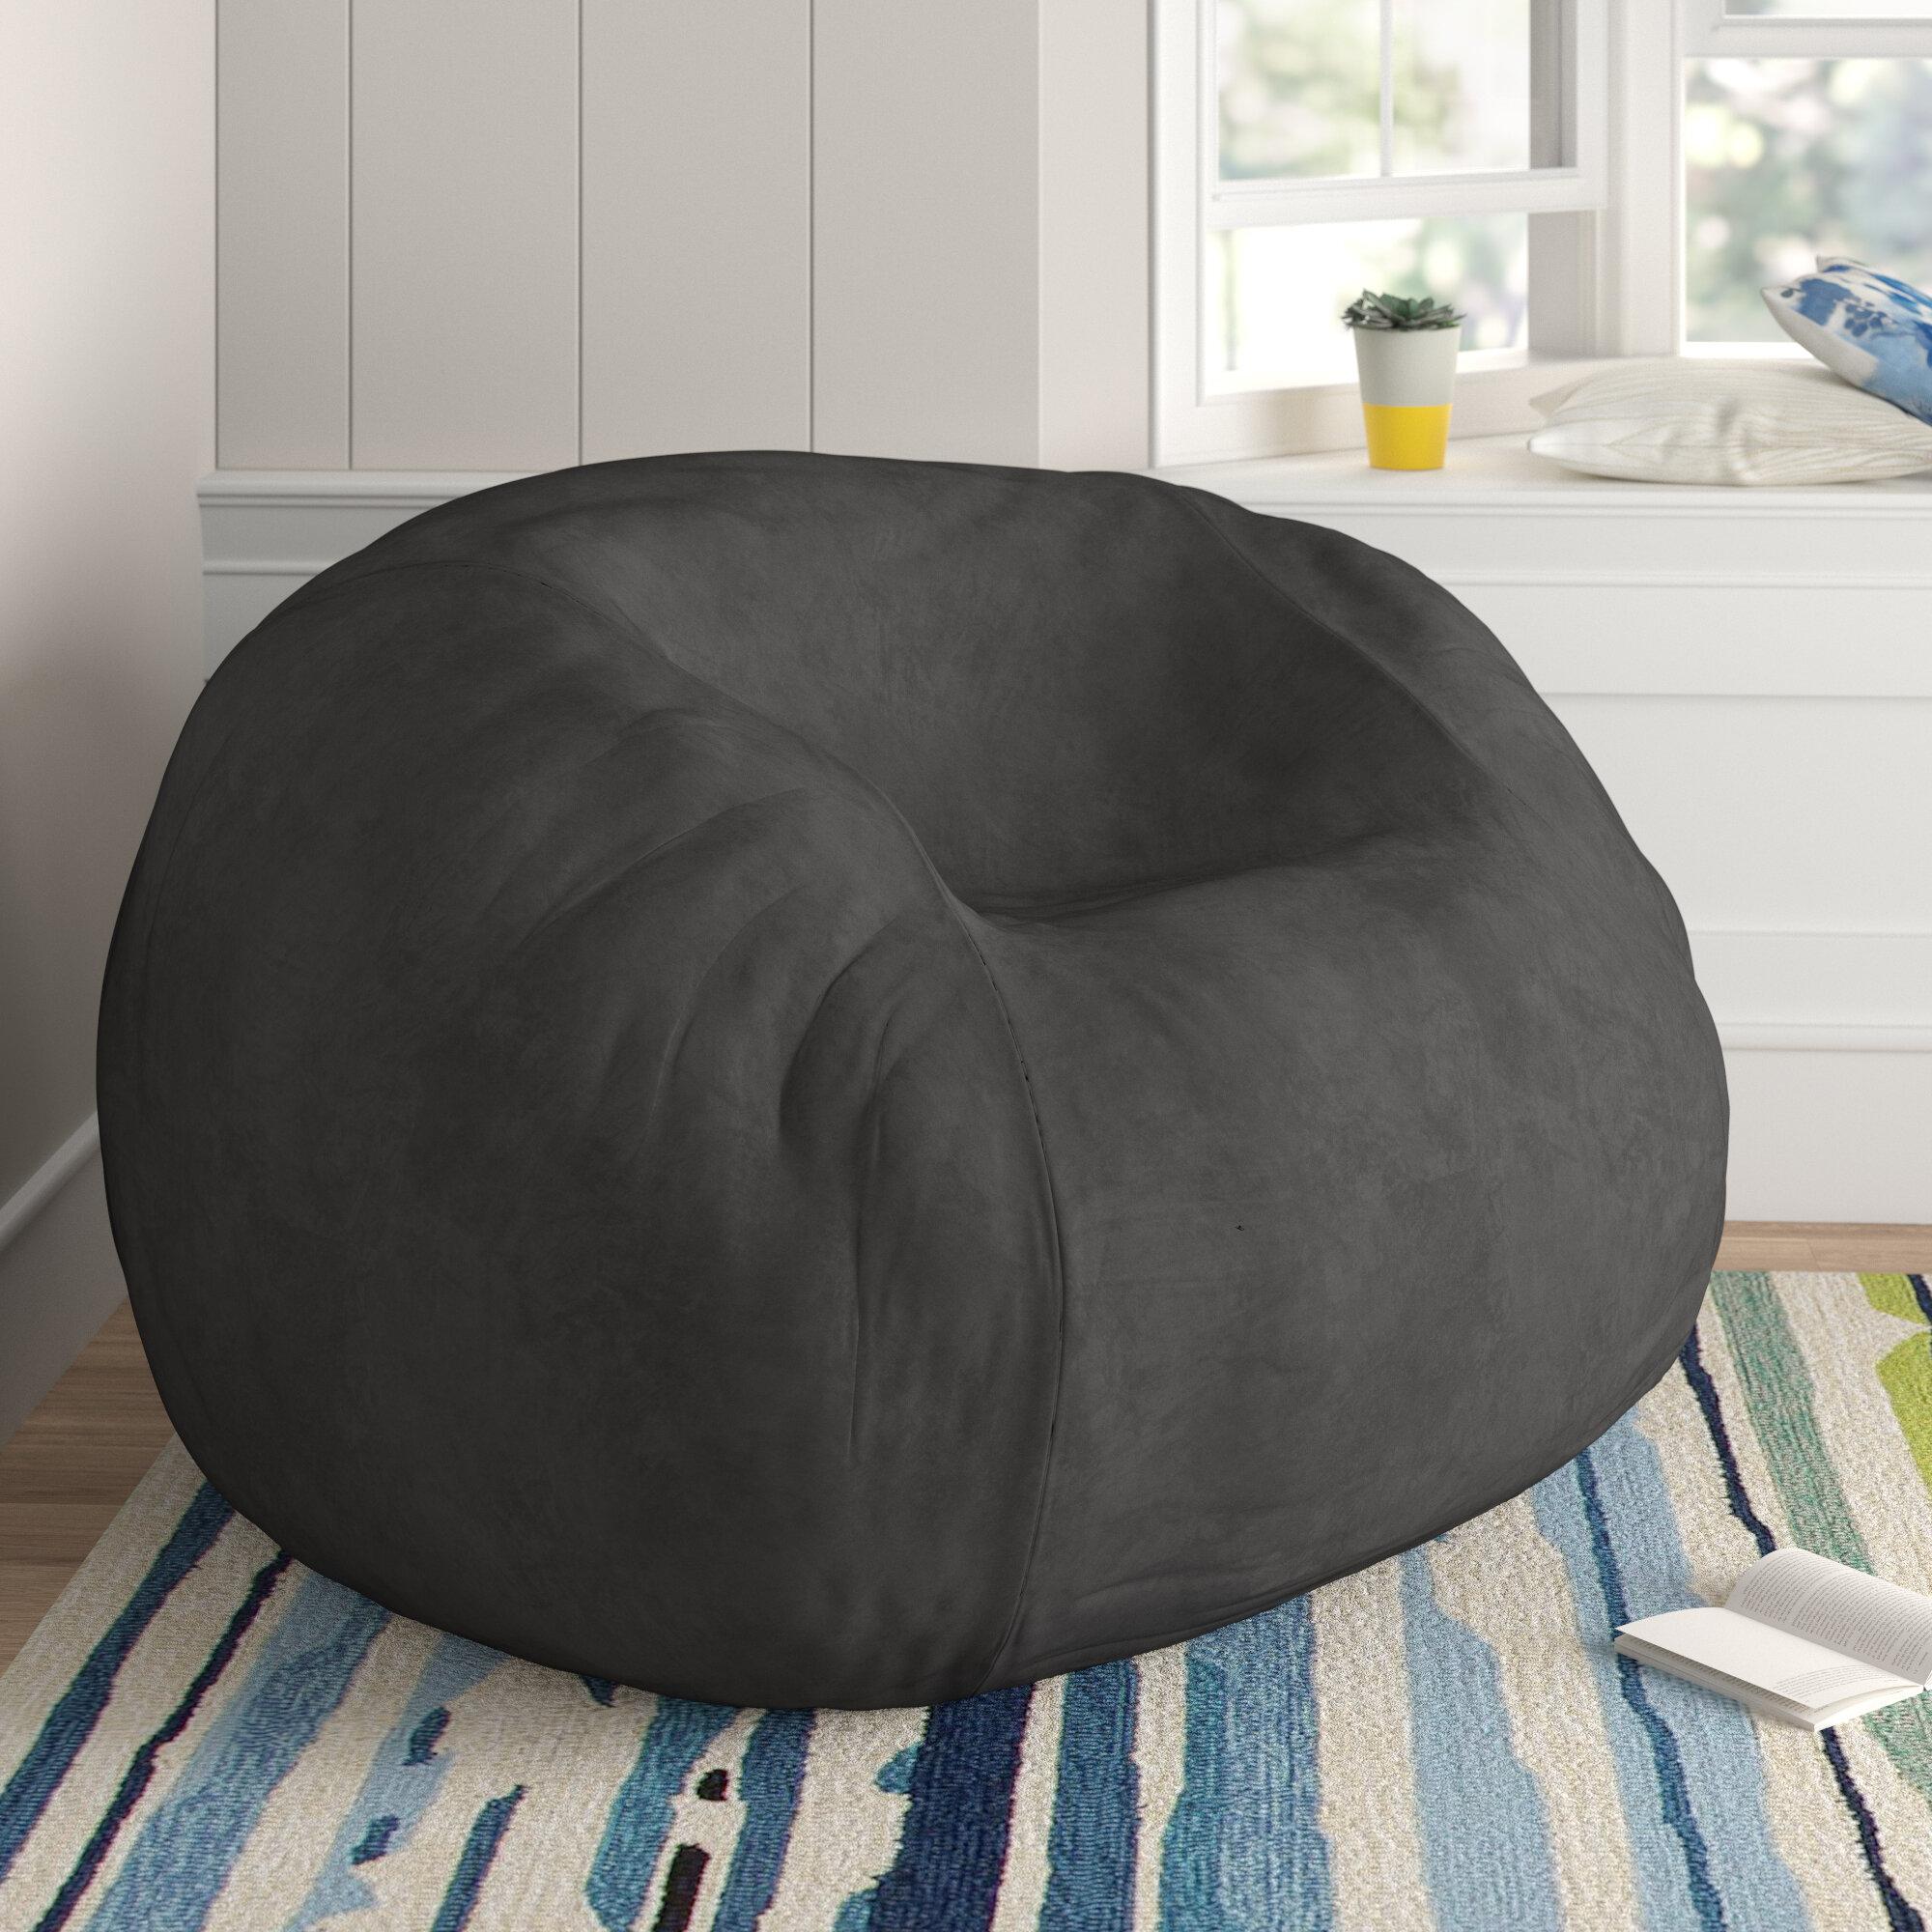 Round Turq Quilted Indoor//Outdoor Water Resistant Bean Bag Garden Furniture